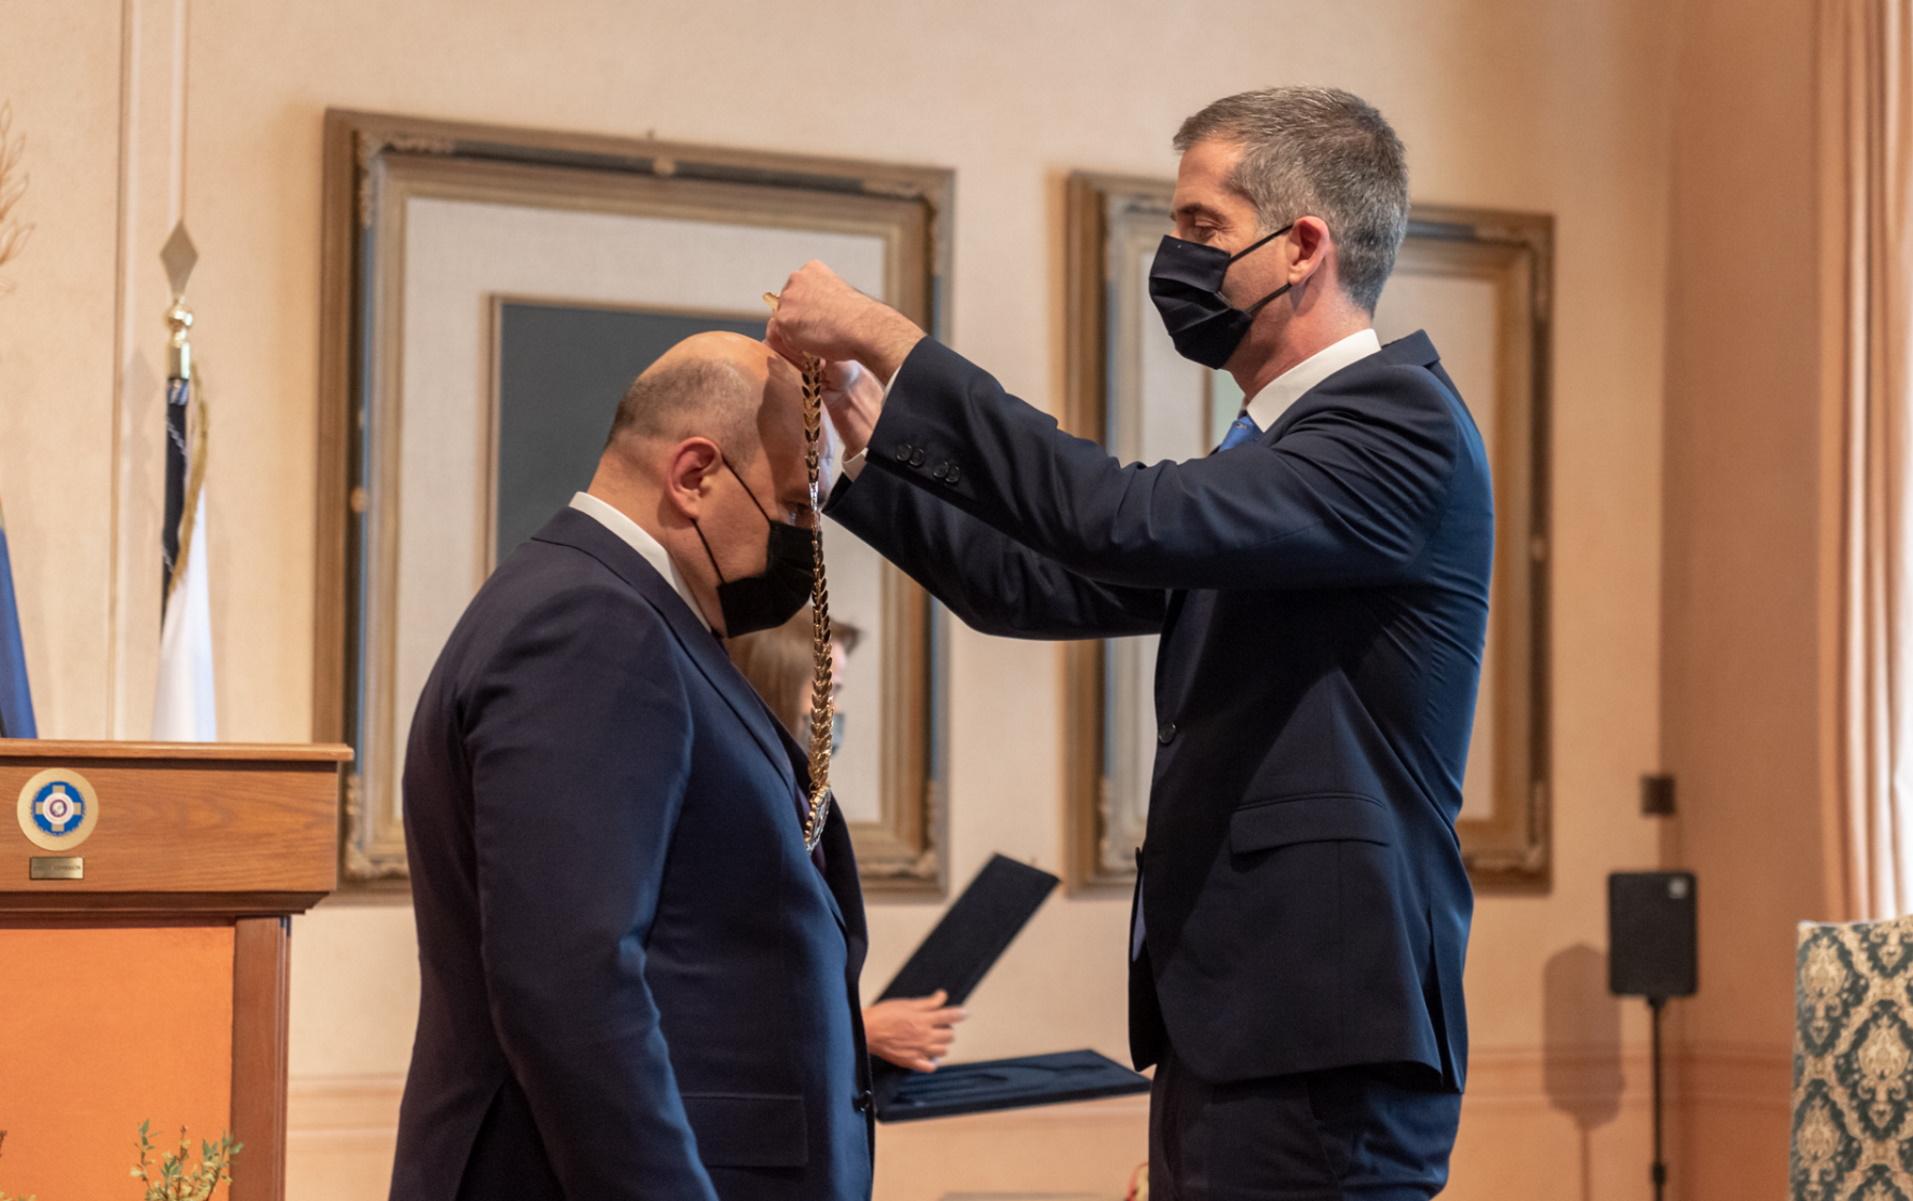 25η Μαρτίου – Μπακογιάννης: Απένειμε  το Χρυσό Μετάλλιο των Αθηνών στον Ρώσο Πρωθυπουργό (pics)